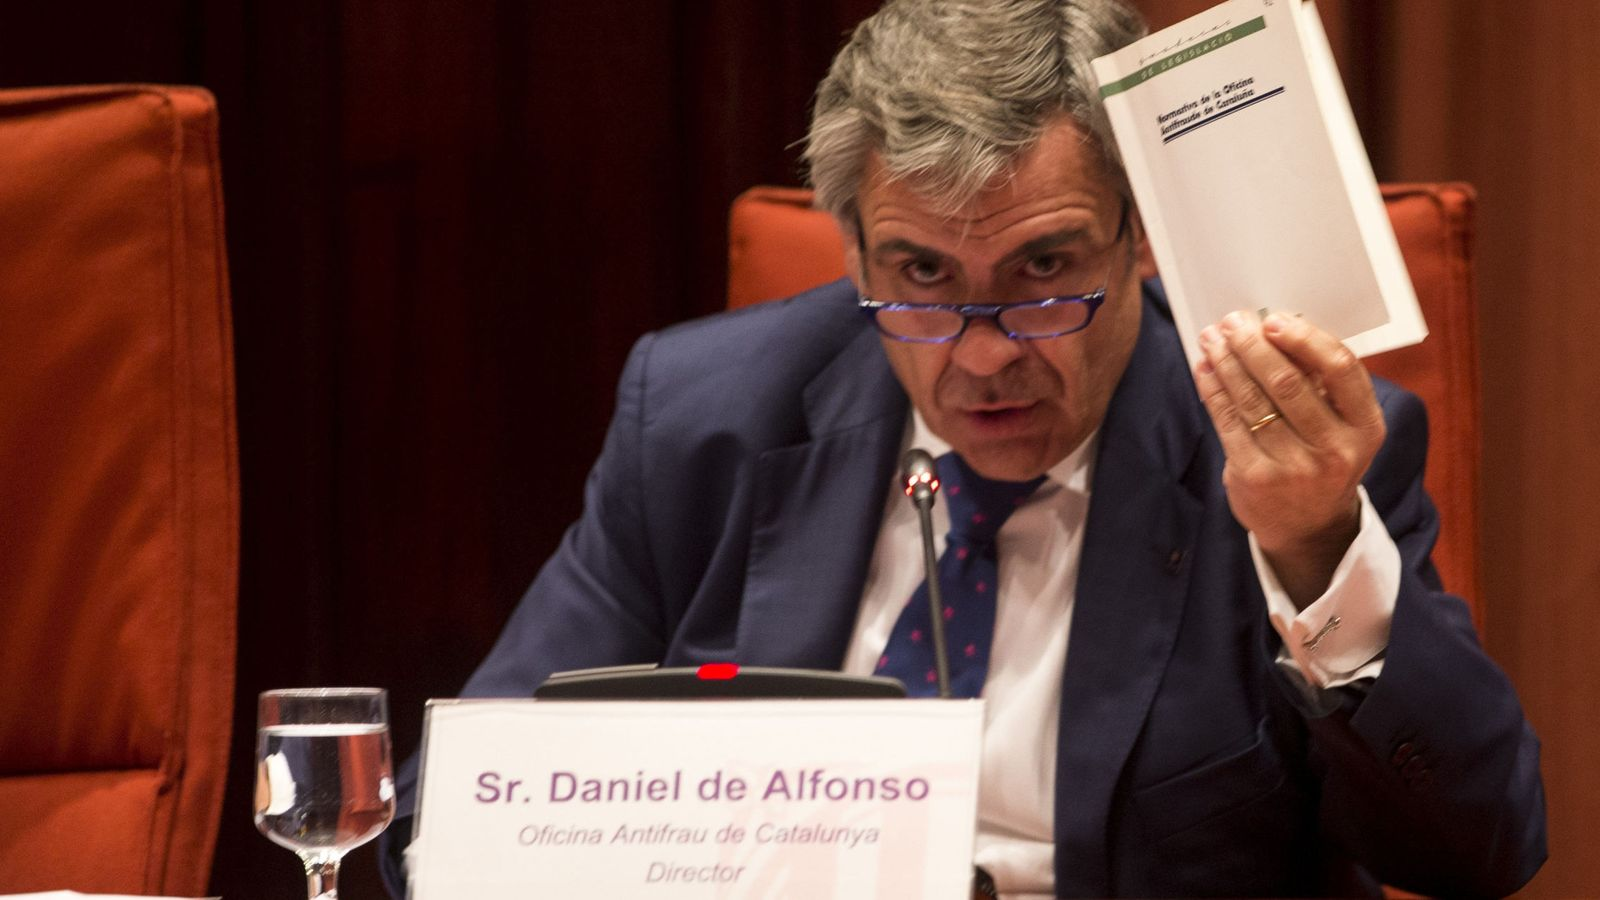 Foto: Daniel de Alfonso,comparece en el Parlament